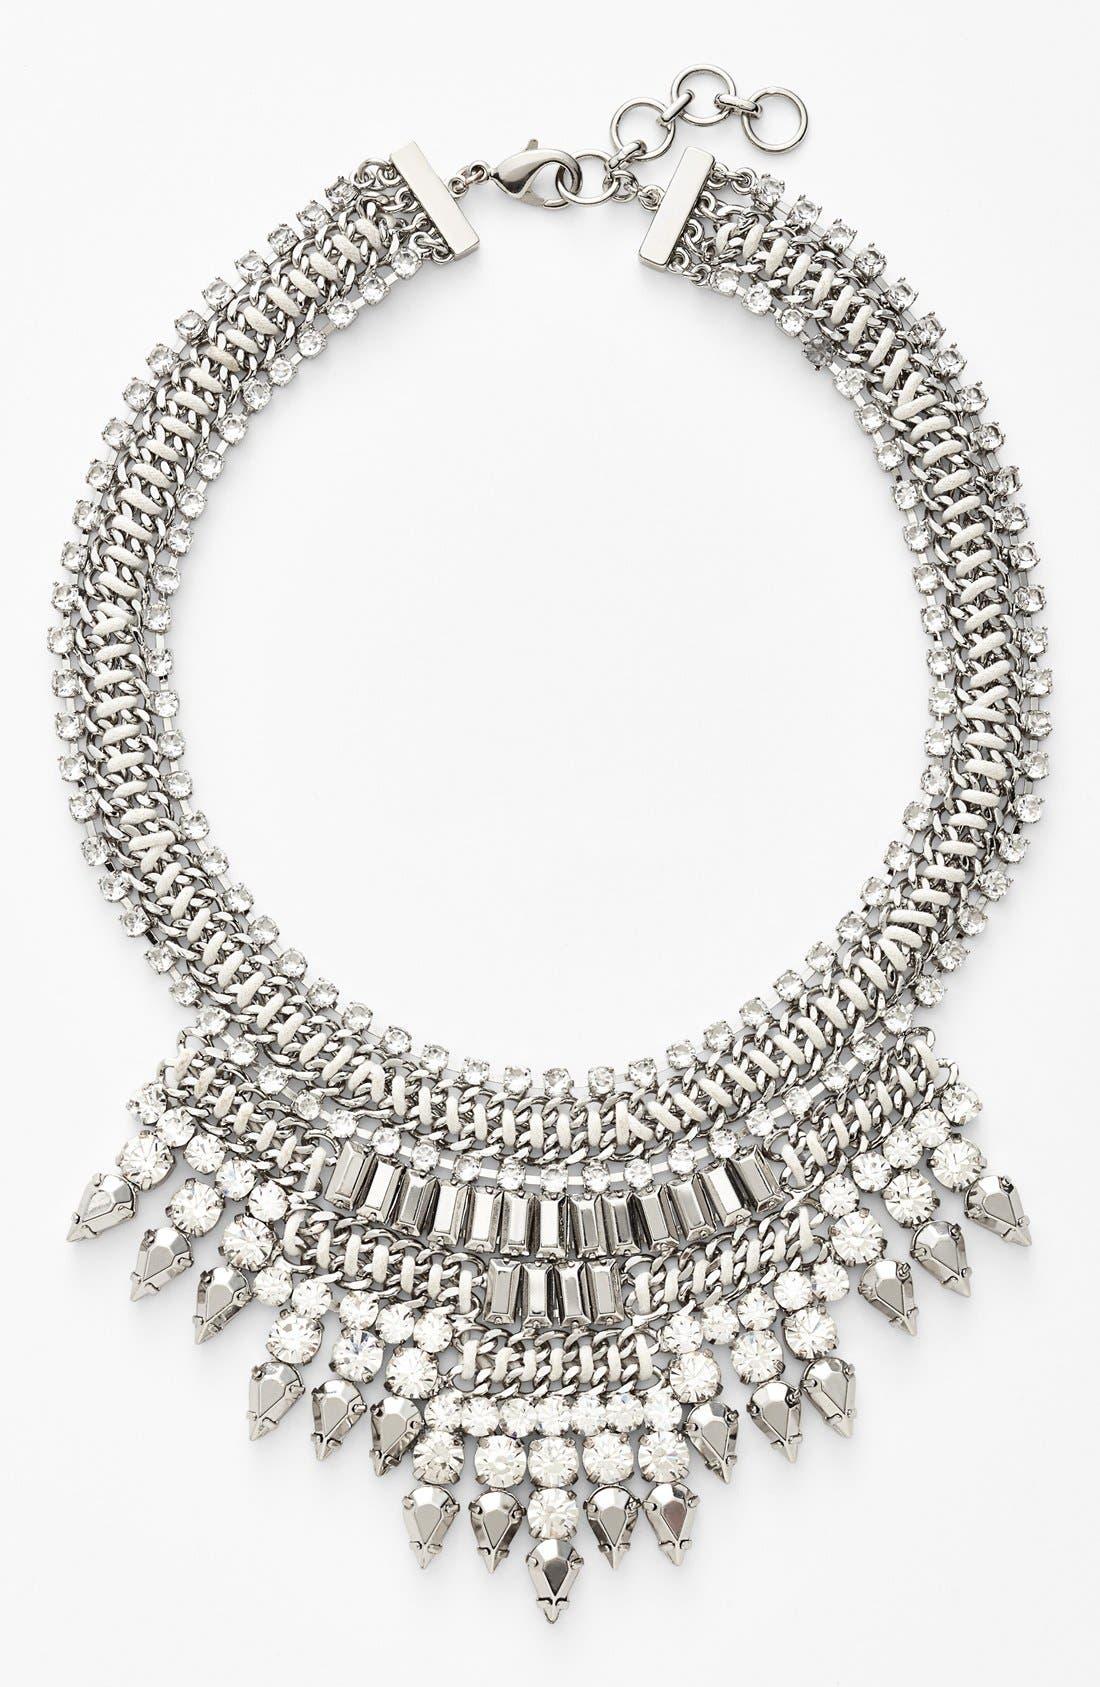 Main Image - Tasha Mixed Media Bib Necklace